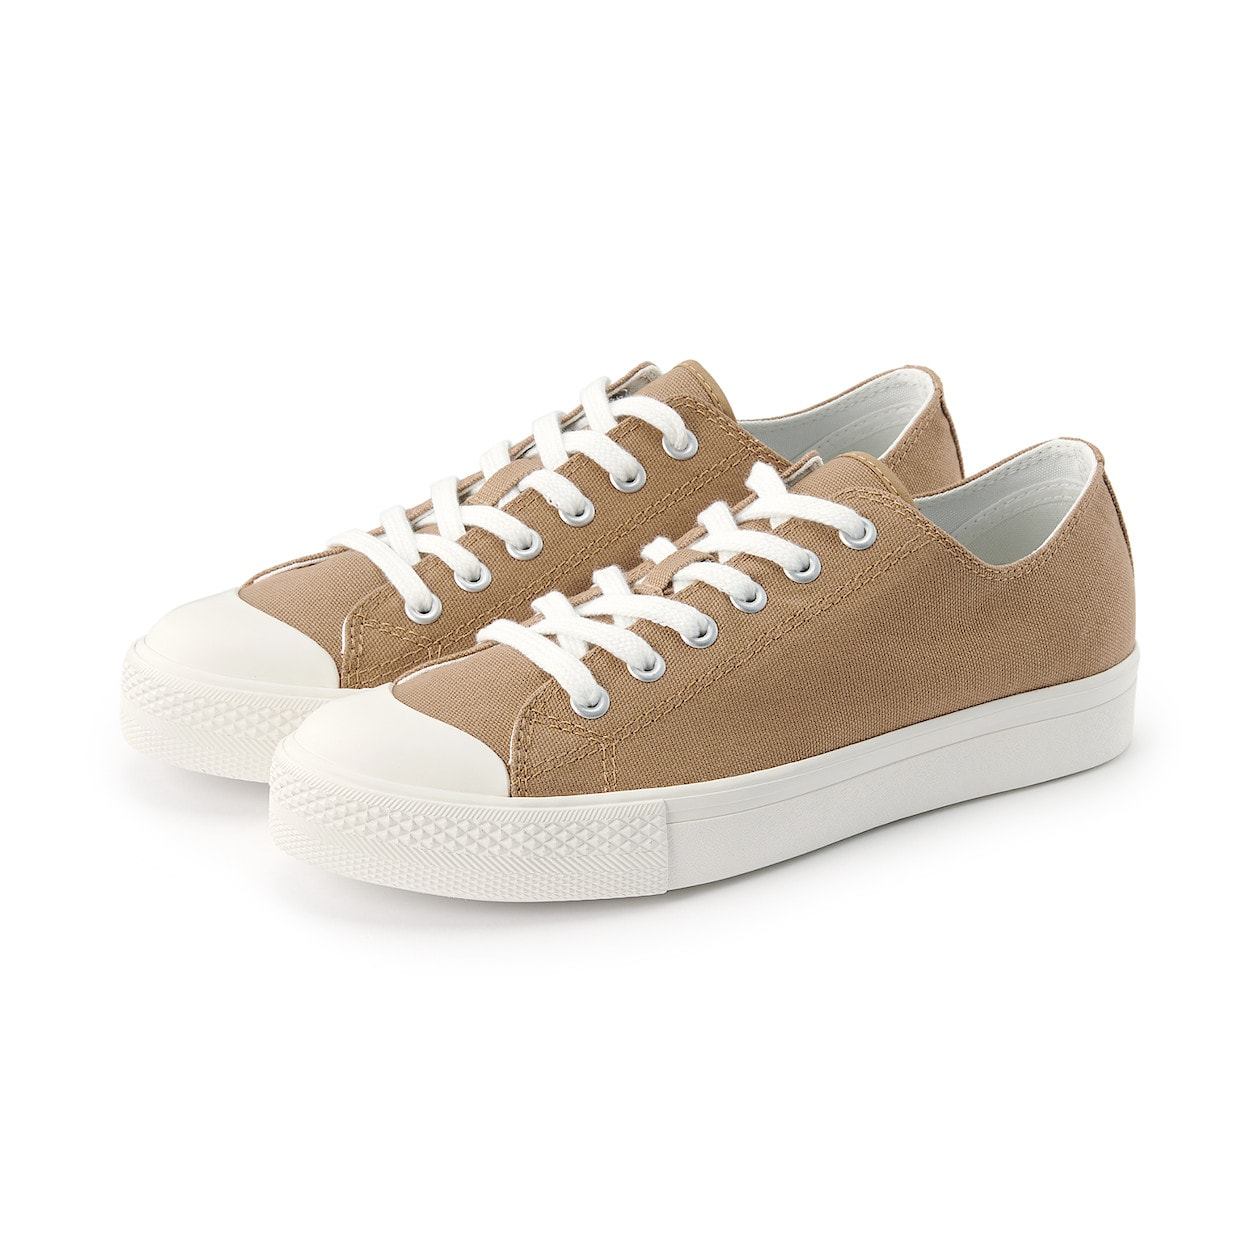 無印良品 疲れにくい 撥水スニーカー ladies-beige-sneakers-styles-muji